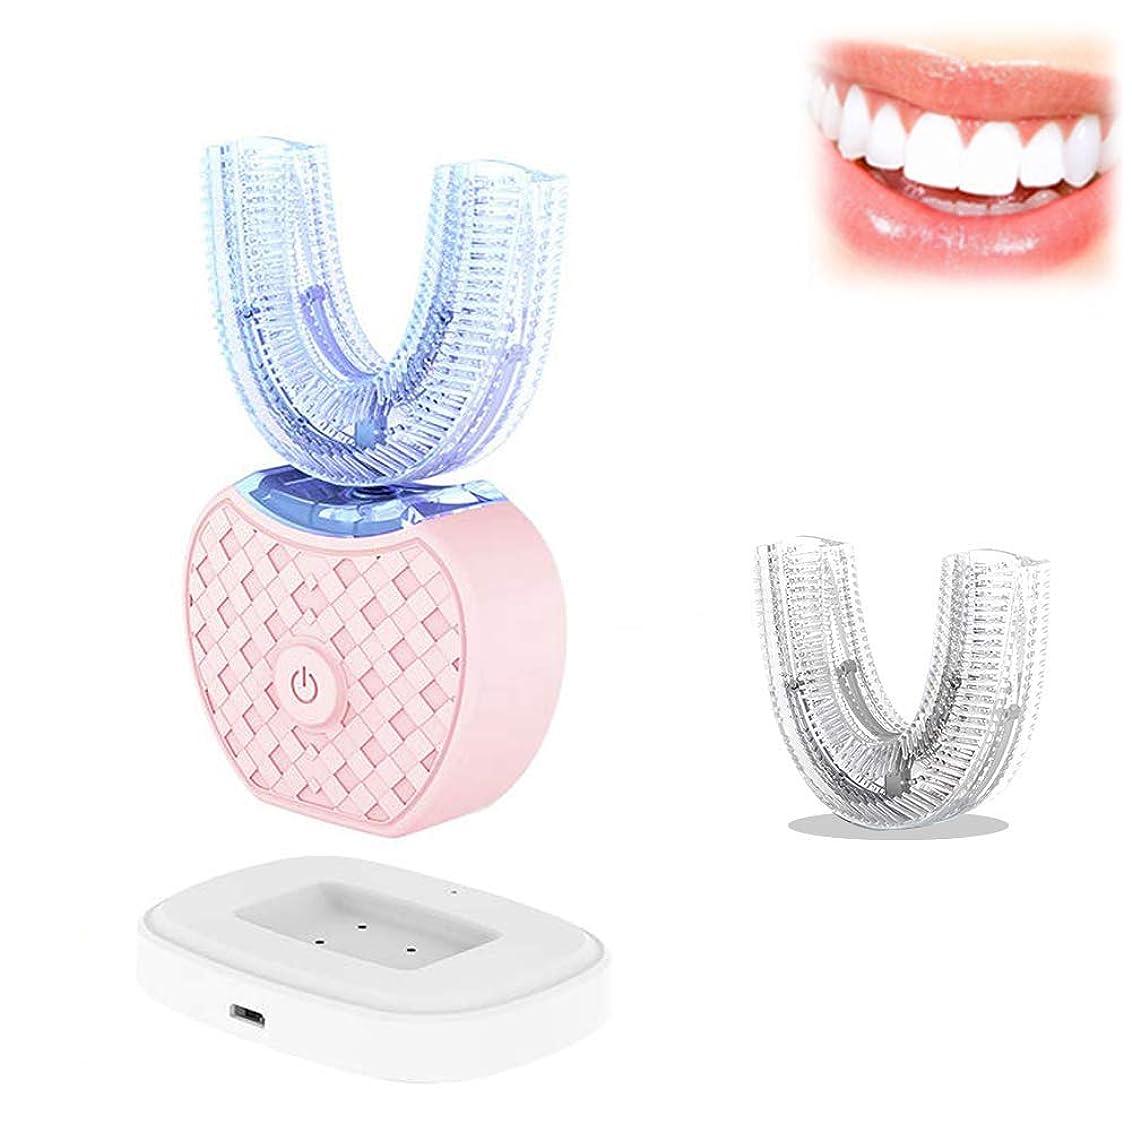 ばかげた遅滞心のこもった電動歯ブラシフルオートマチック360°超音波ホワイトニングUタイプマウスクリーナー充電式ワイヤレスポータブルLEDランプ、大人用ブラシFDA / IPX7,Pink